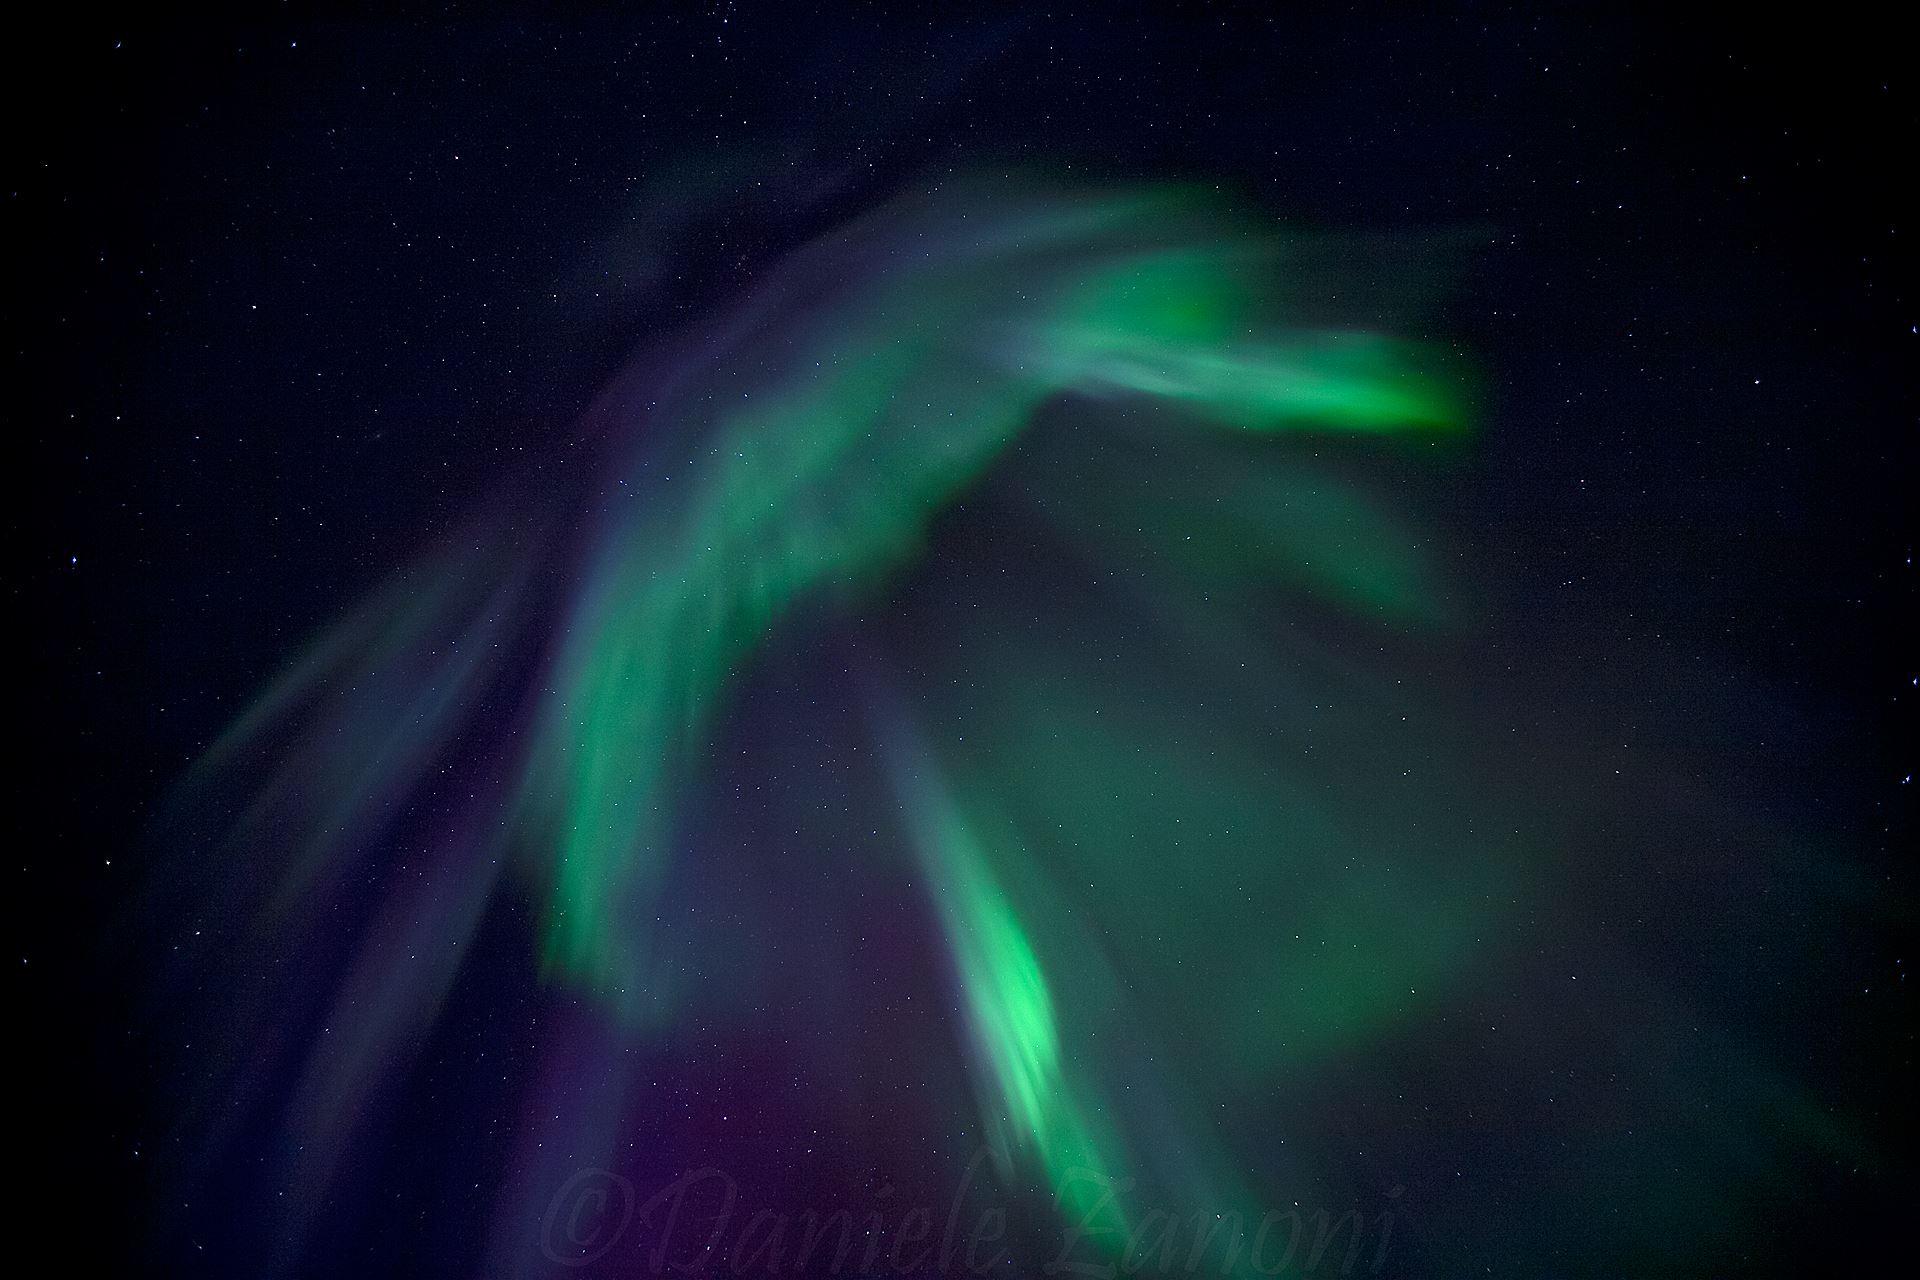 Nordlys observasjon fra en vakker skog (Andenes)